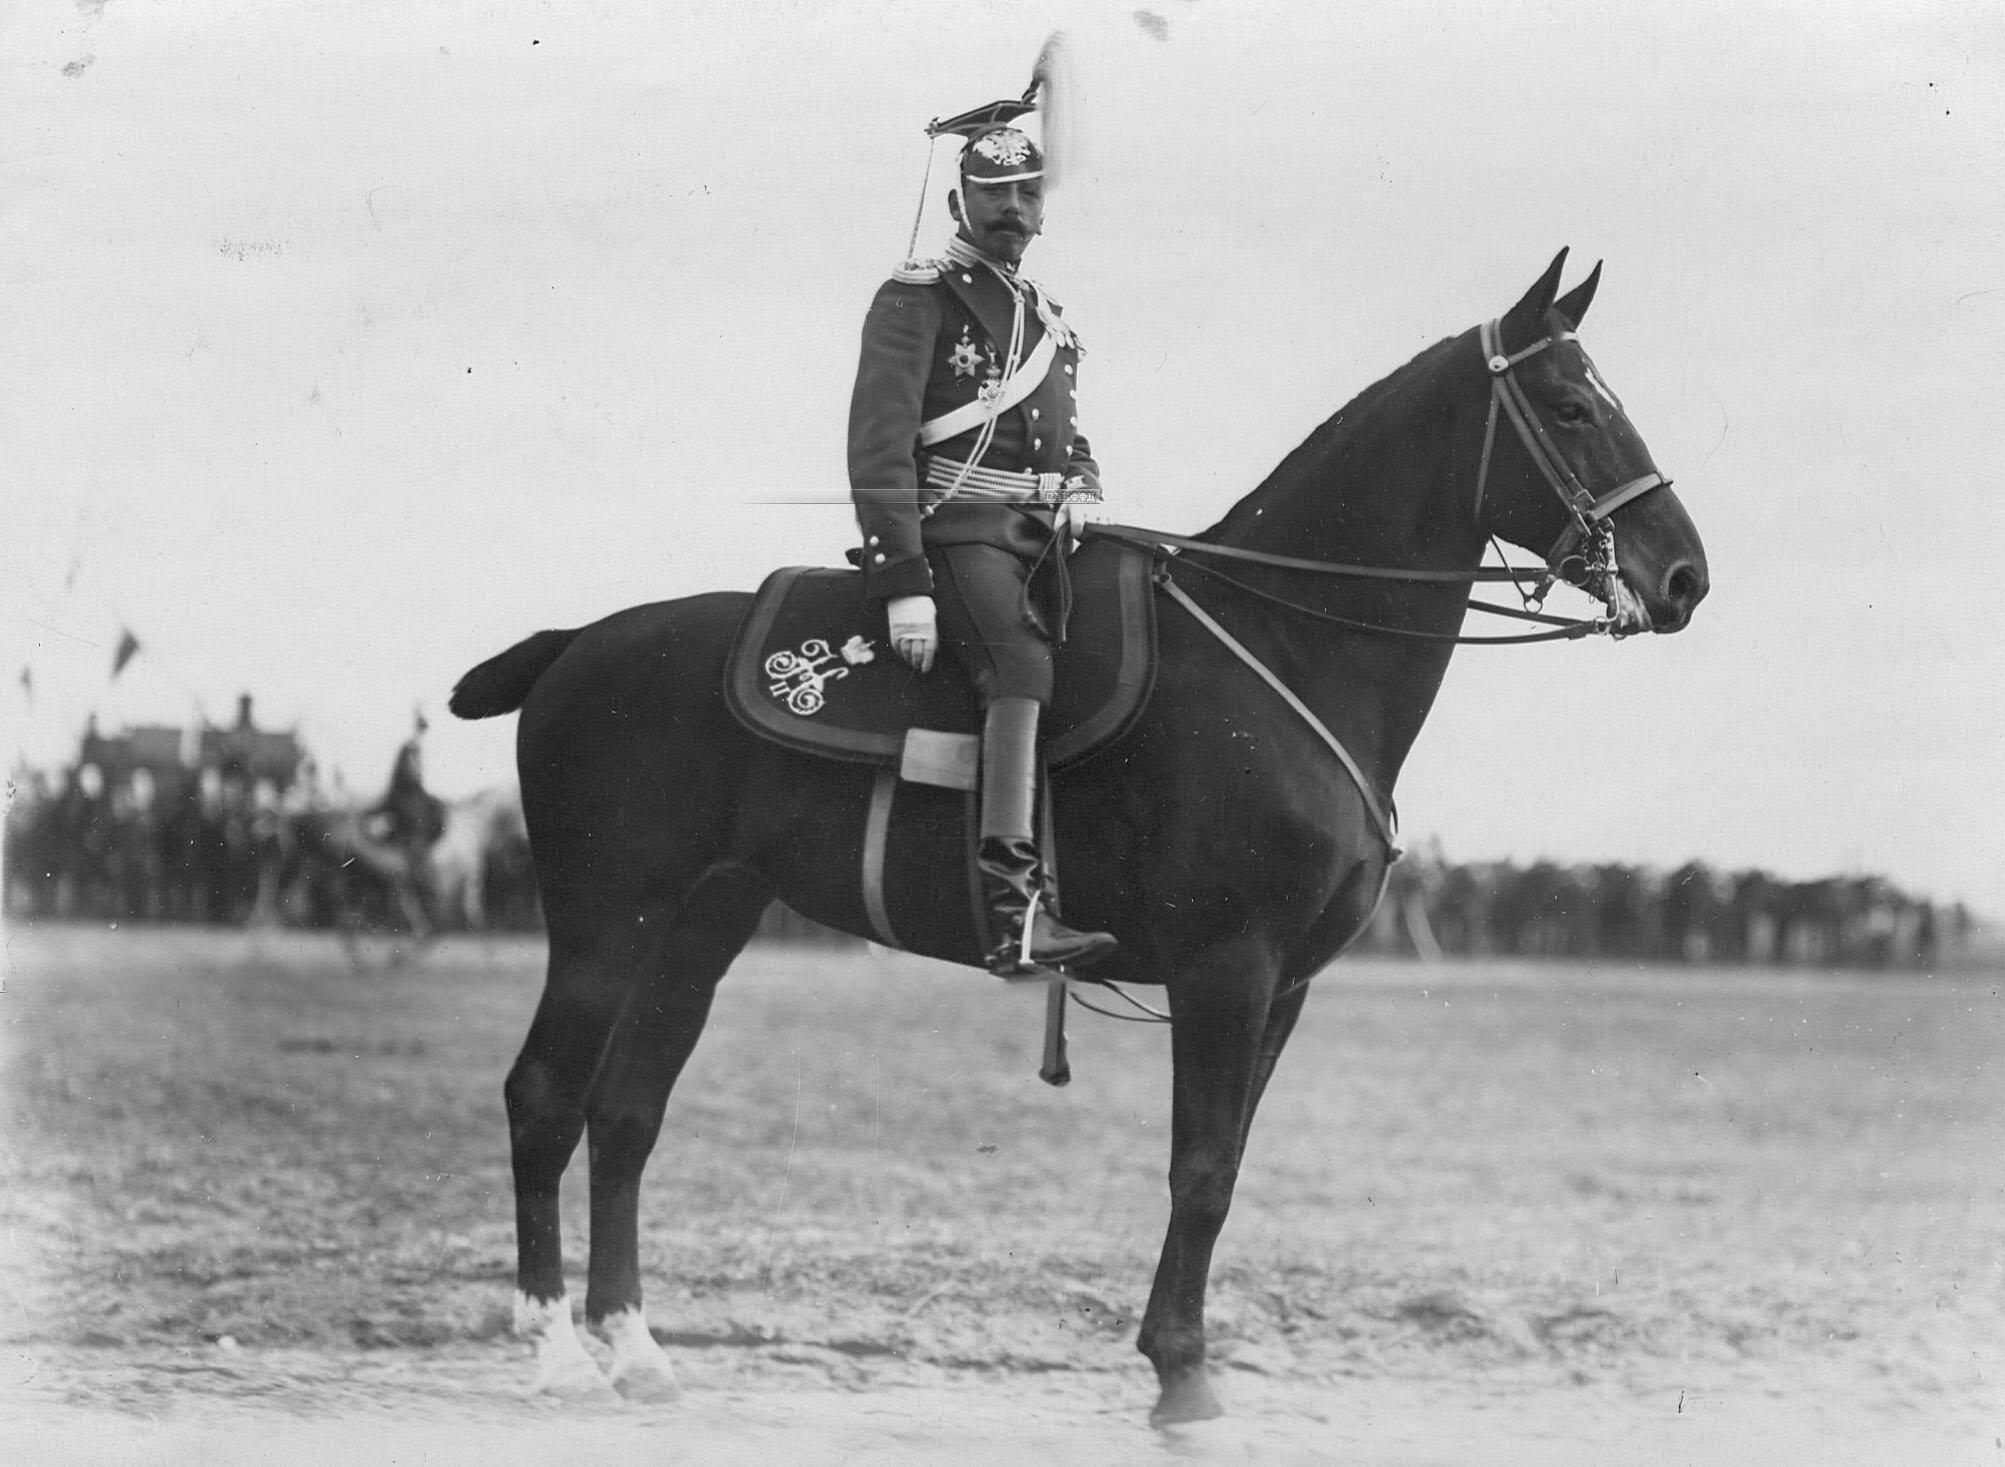 Офицер Уланского полка  на лошади в день празднования 250-летнего юбилея полка